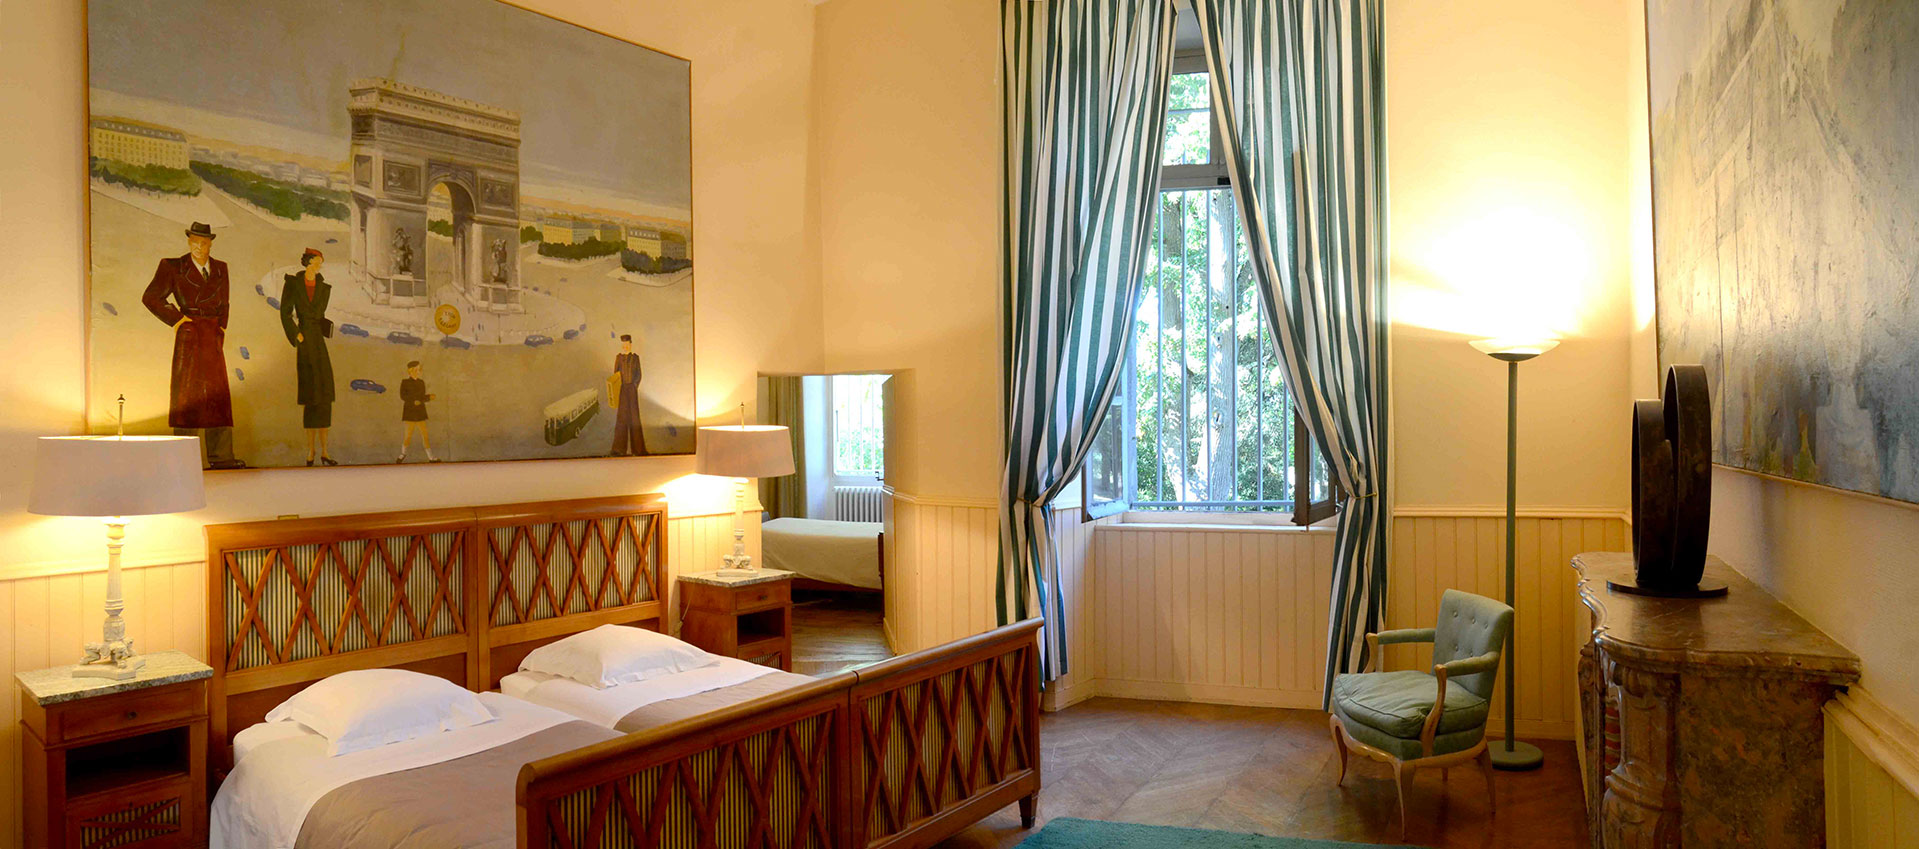 Parisian bedroom / Chambre parisienne